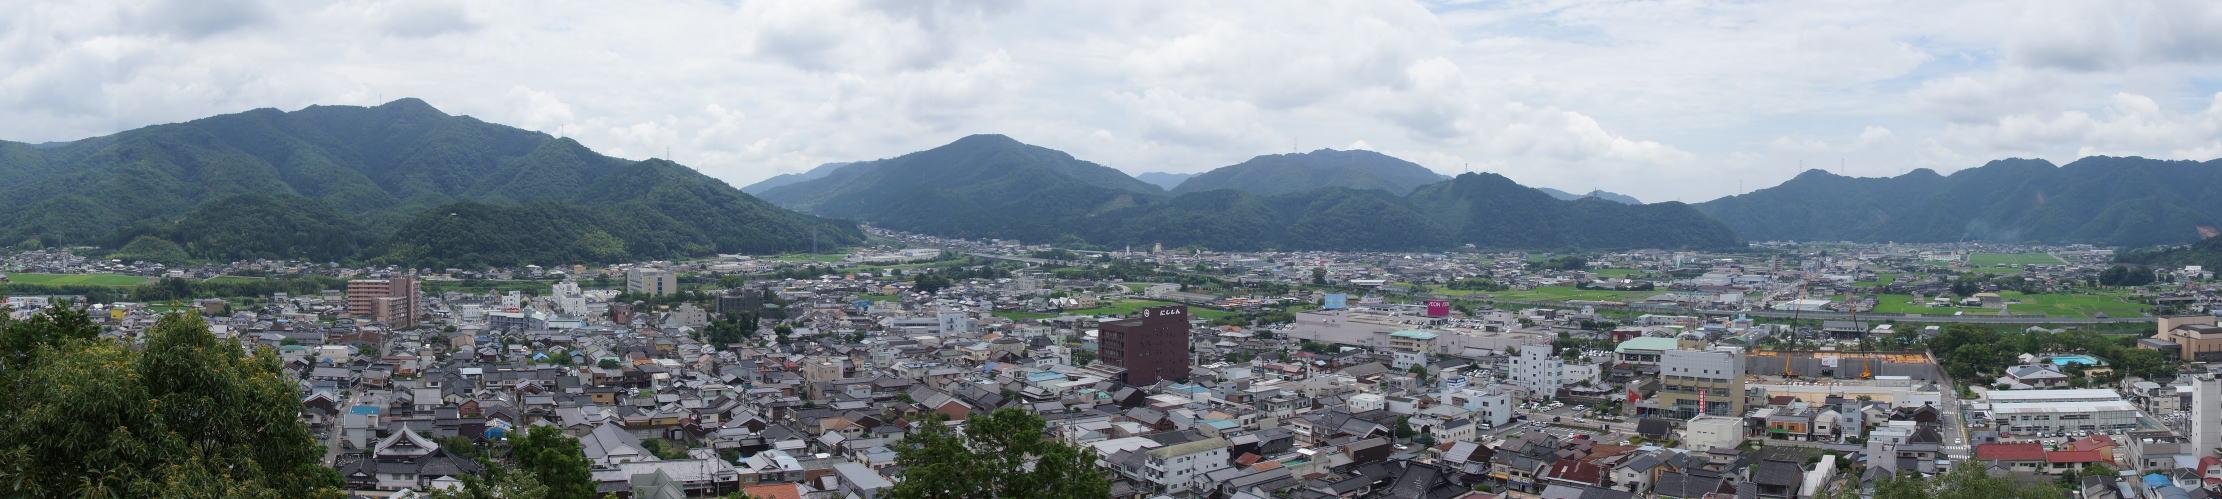 山崎の街並み from 最上山展望台